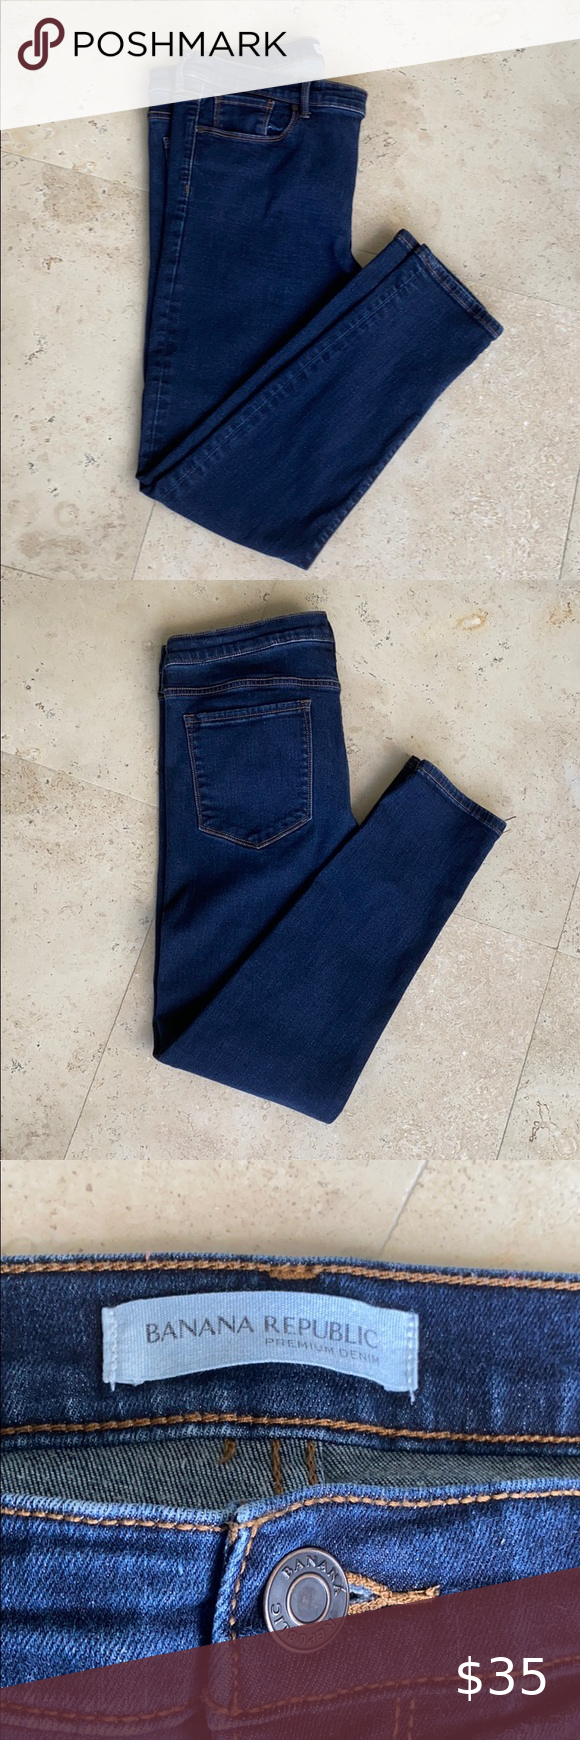 Banana Republic Skinny Dark Blue Jeans 33s Dark Blue Skinny Jeans Dark Blue Jeans Premium Denim Jeans